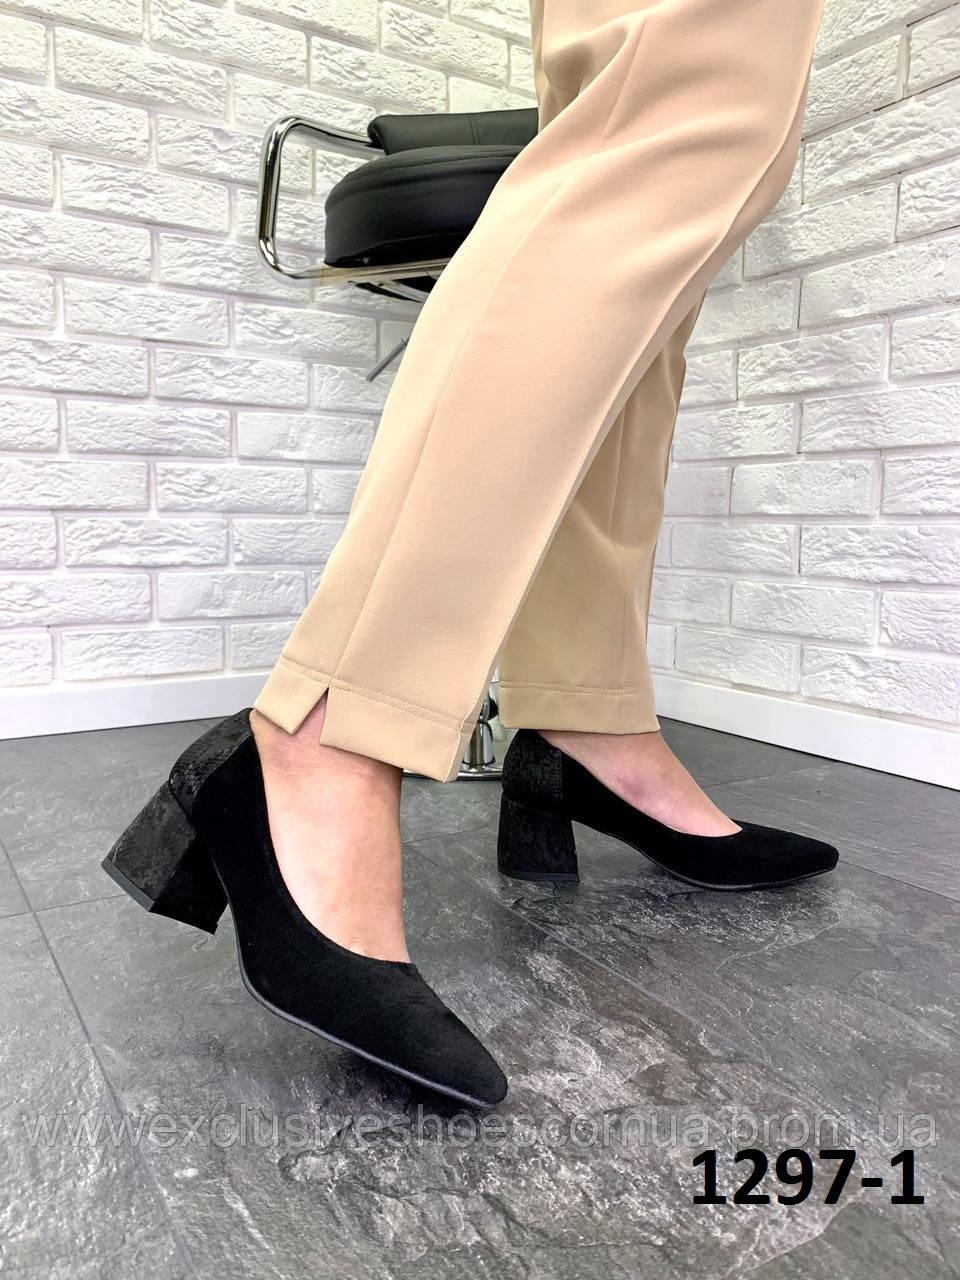 Туфлі жіночі замшеві чорні човники з принтом на п'яті на підборах